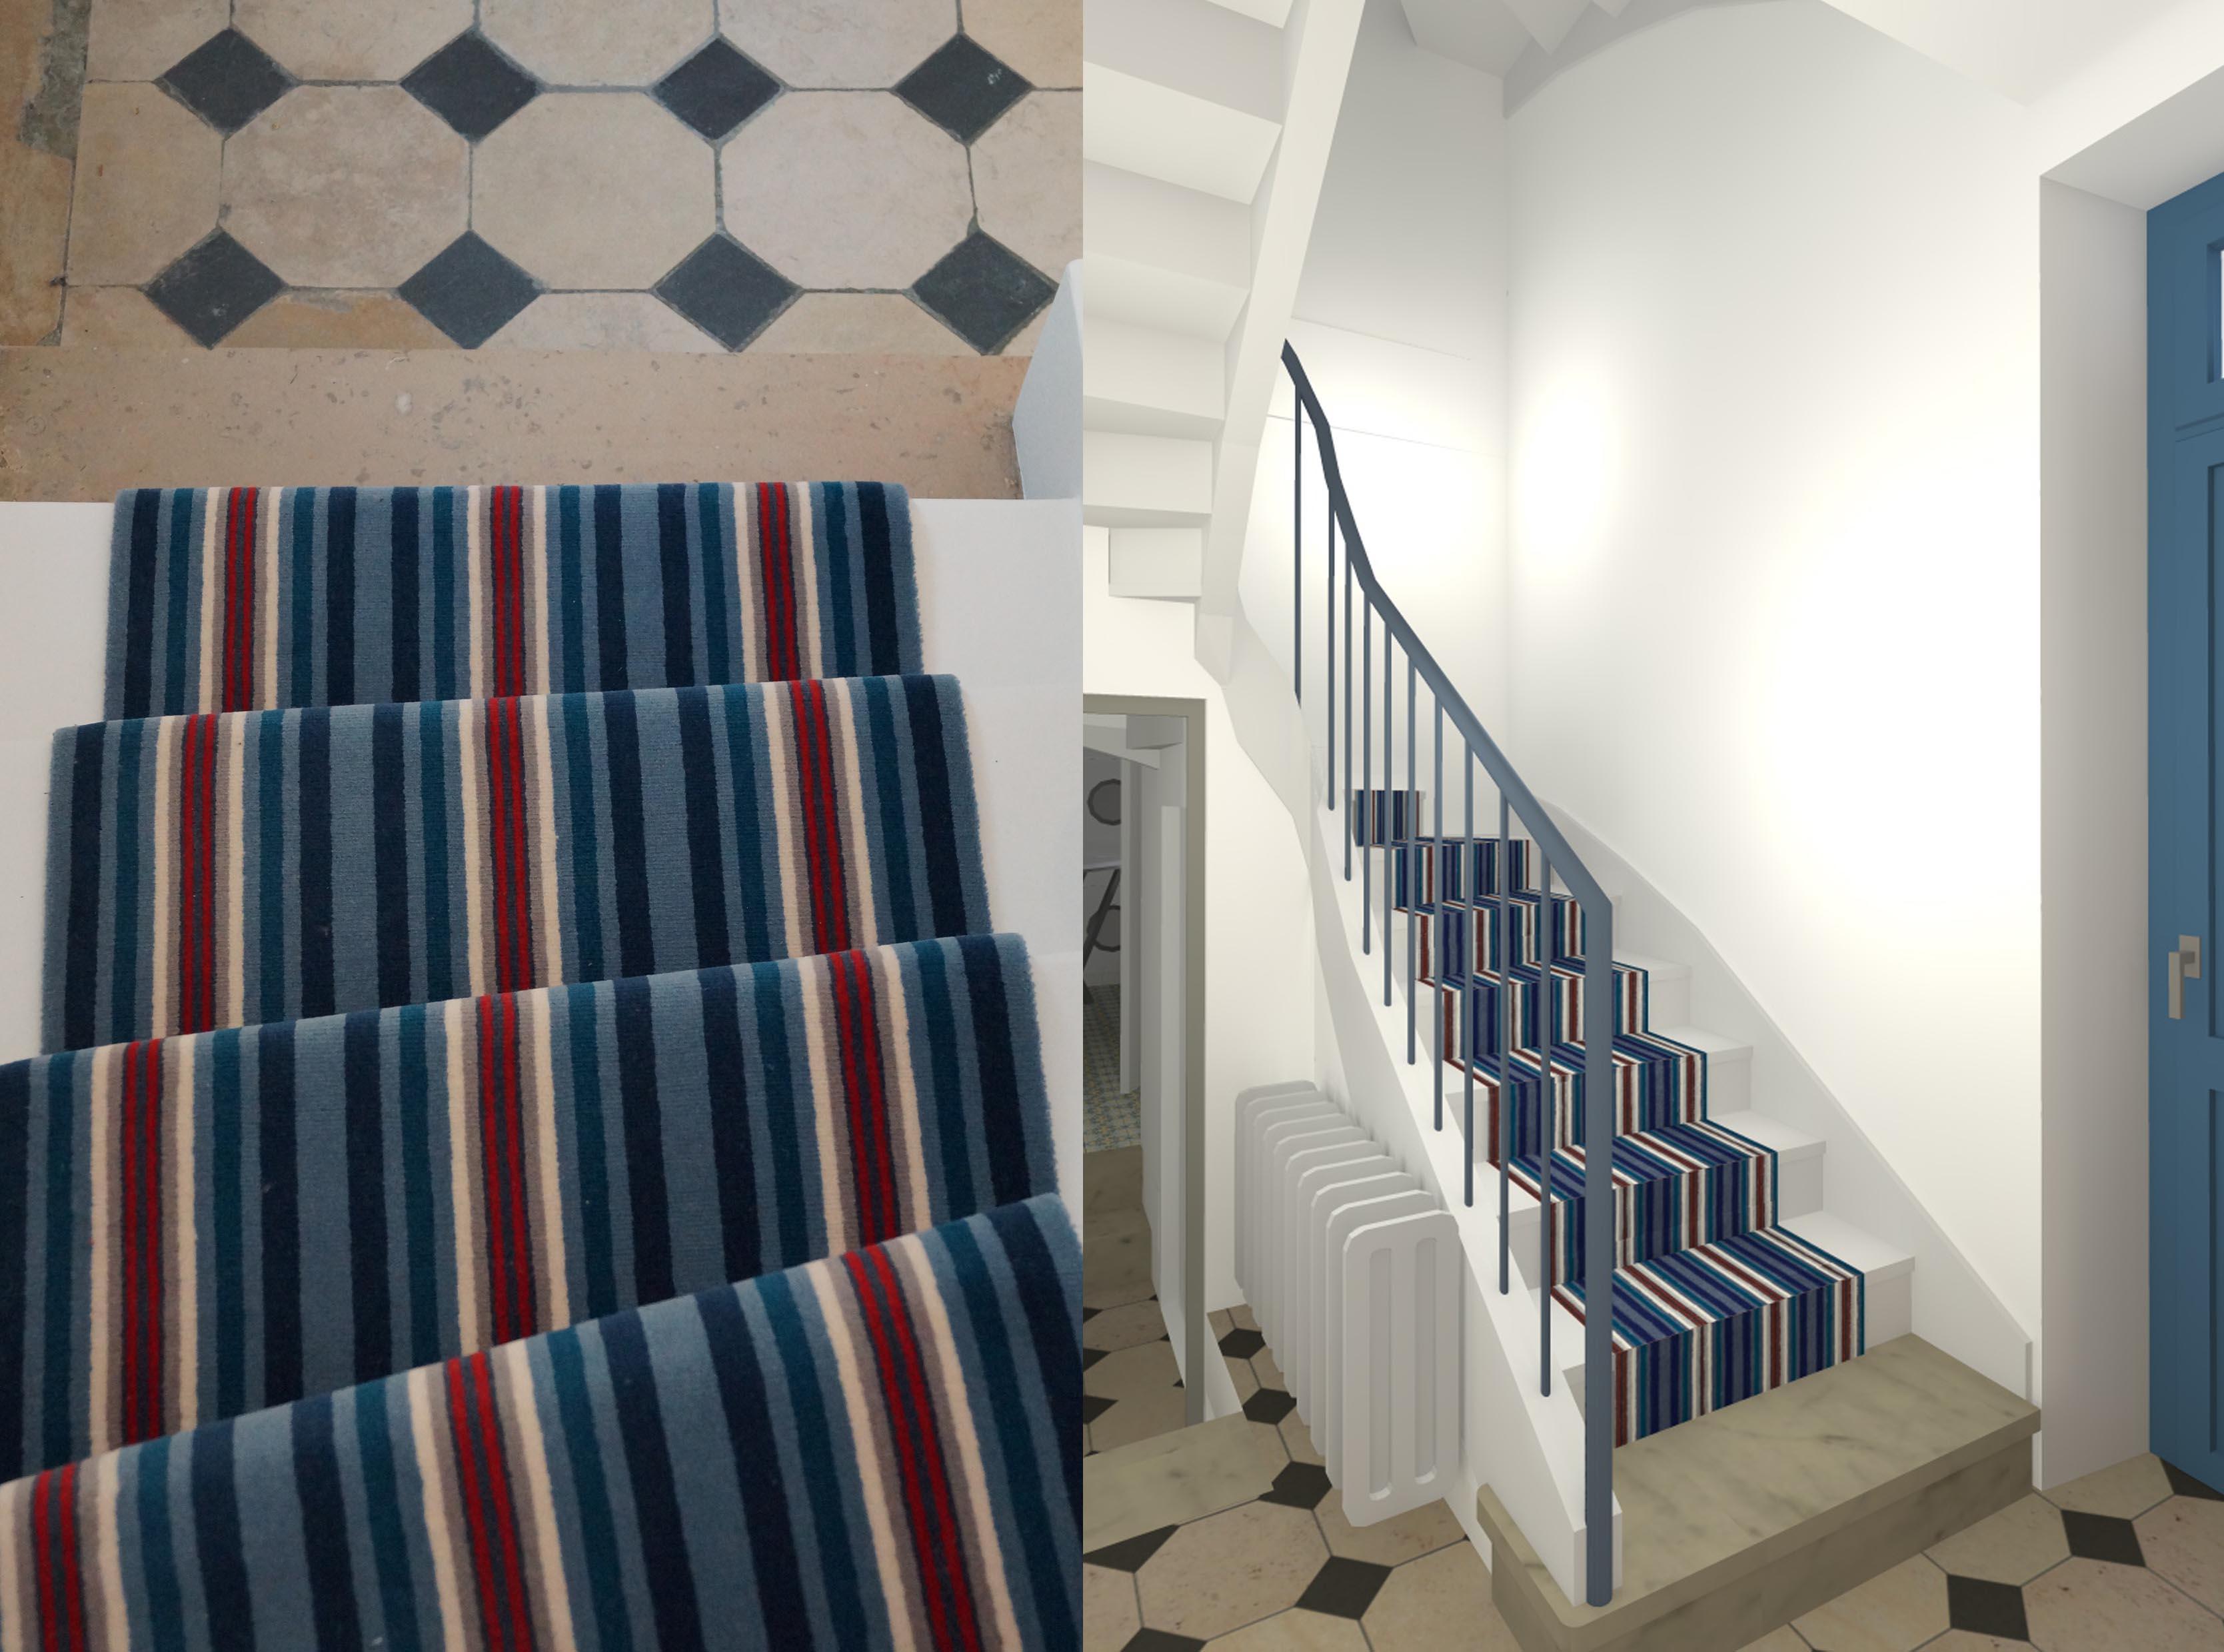 Tapis d 39 escalier - Tapis d escalier moderne ...